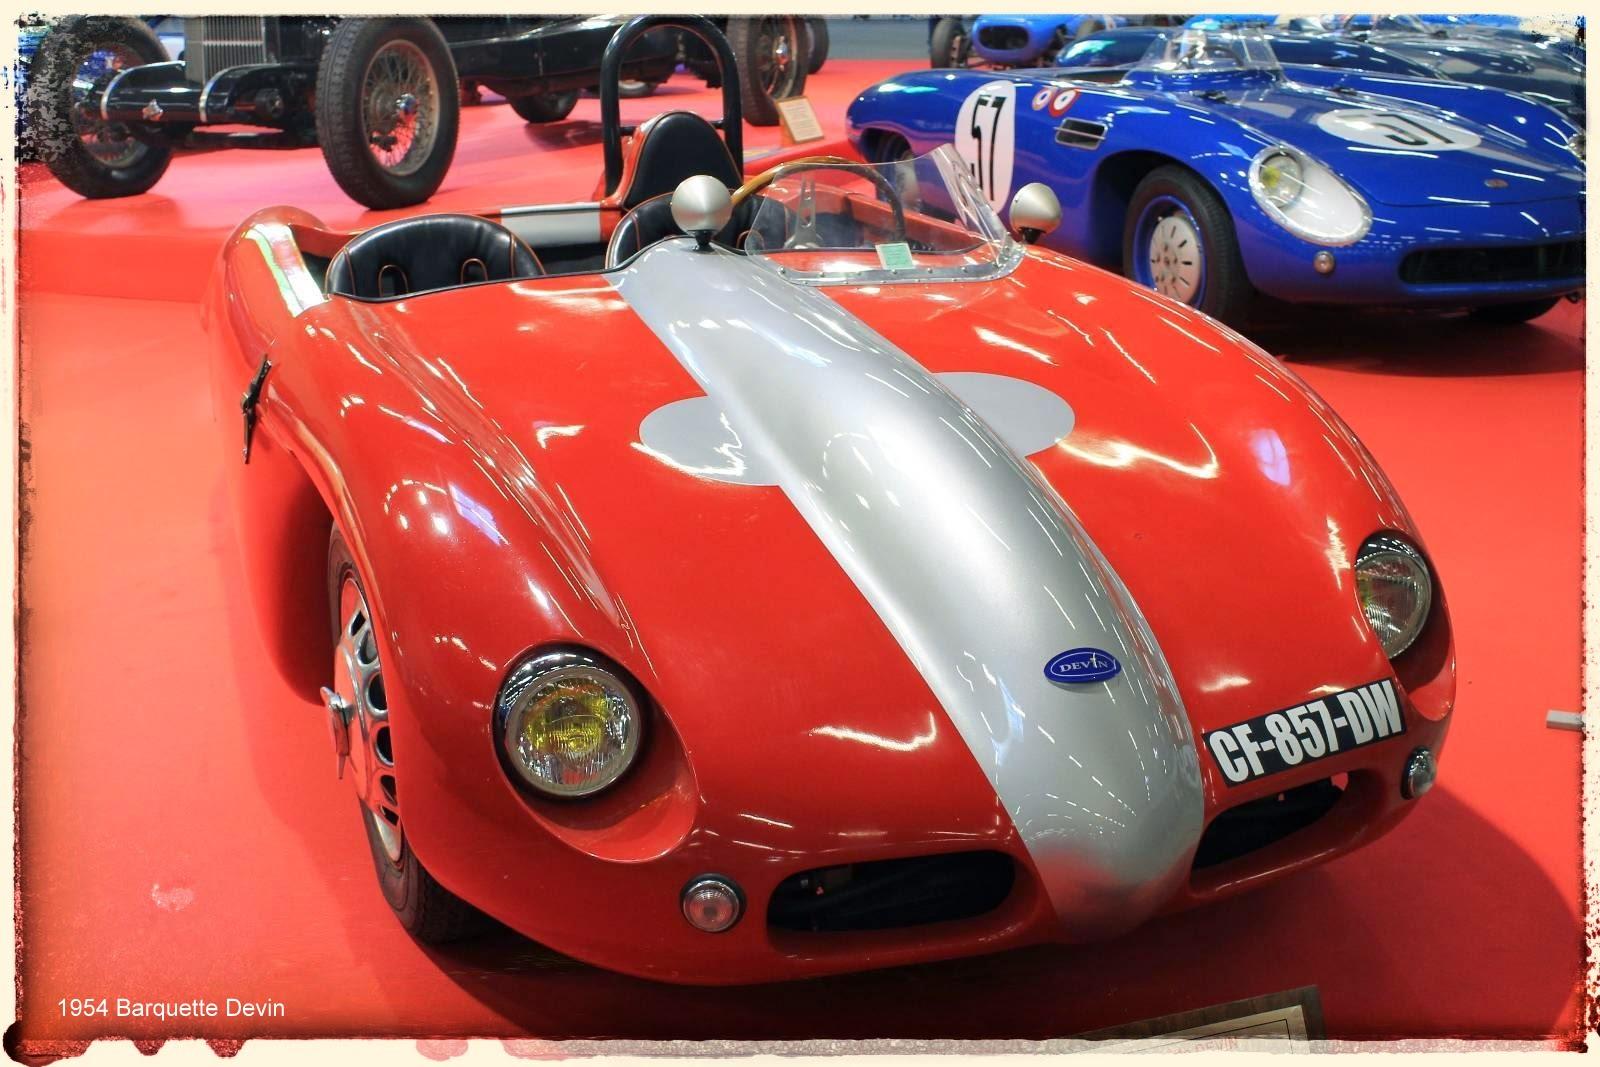 Automédon - 1954 Barquette Devin